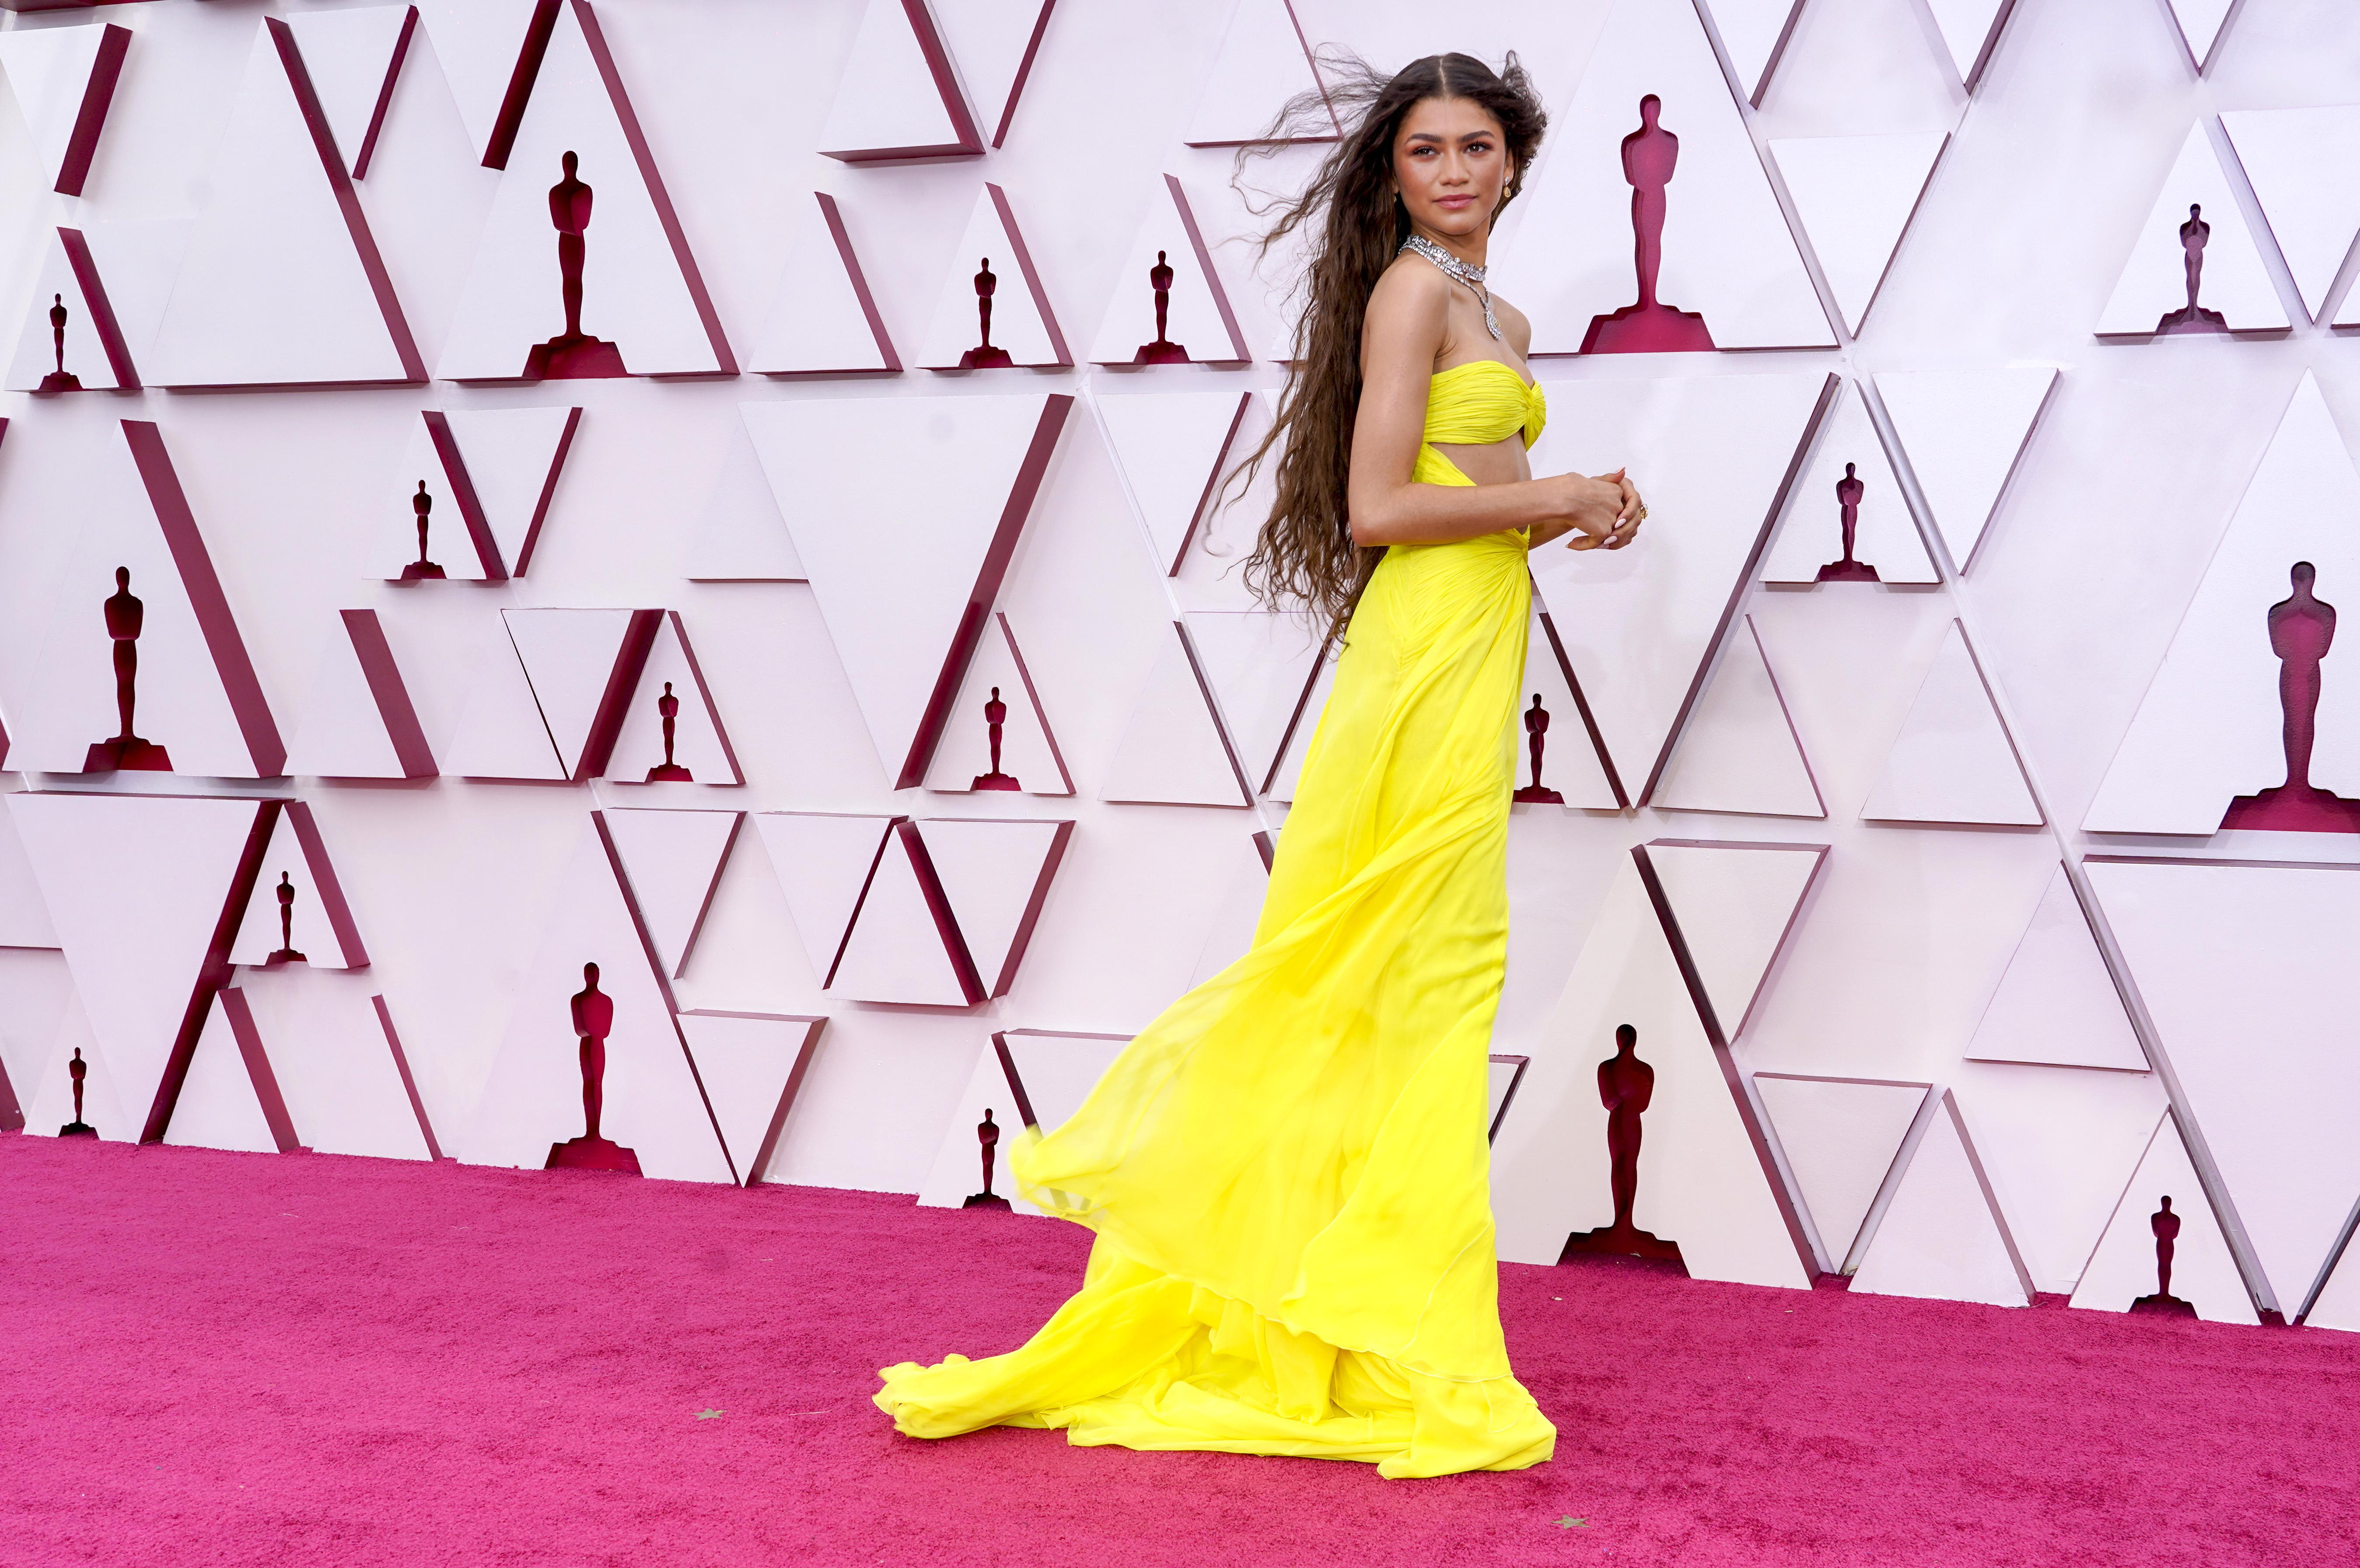 Zendaya usando vestido amarelo esvoaçante no Oscar 2021. Ela está com o corpo de lado, cabelo solto aos ventos, as mãos na frente do corpo e olhando para o lado com expressão facial séria.